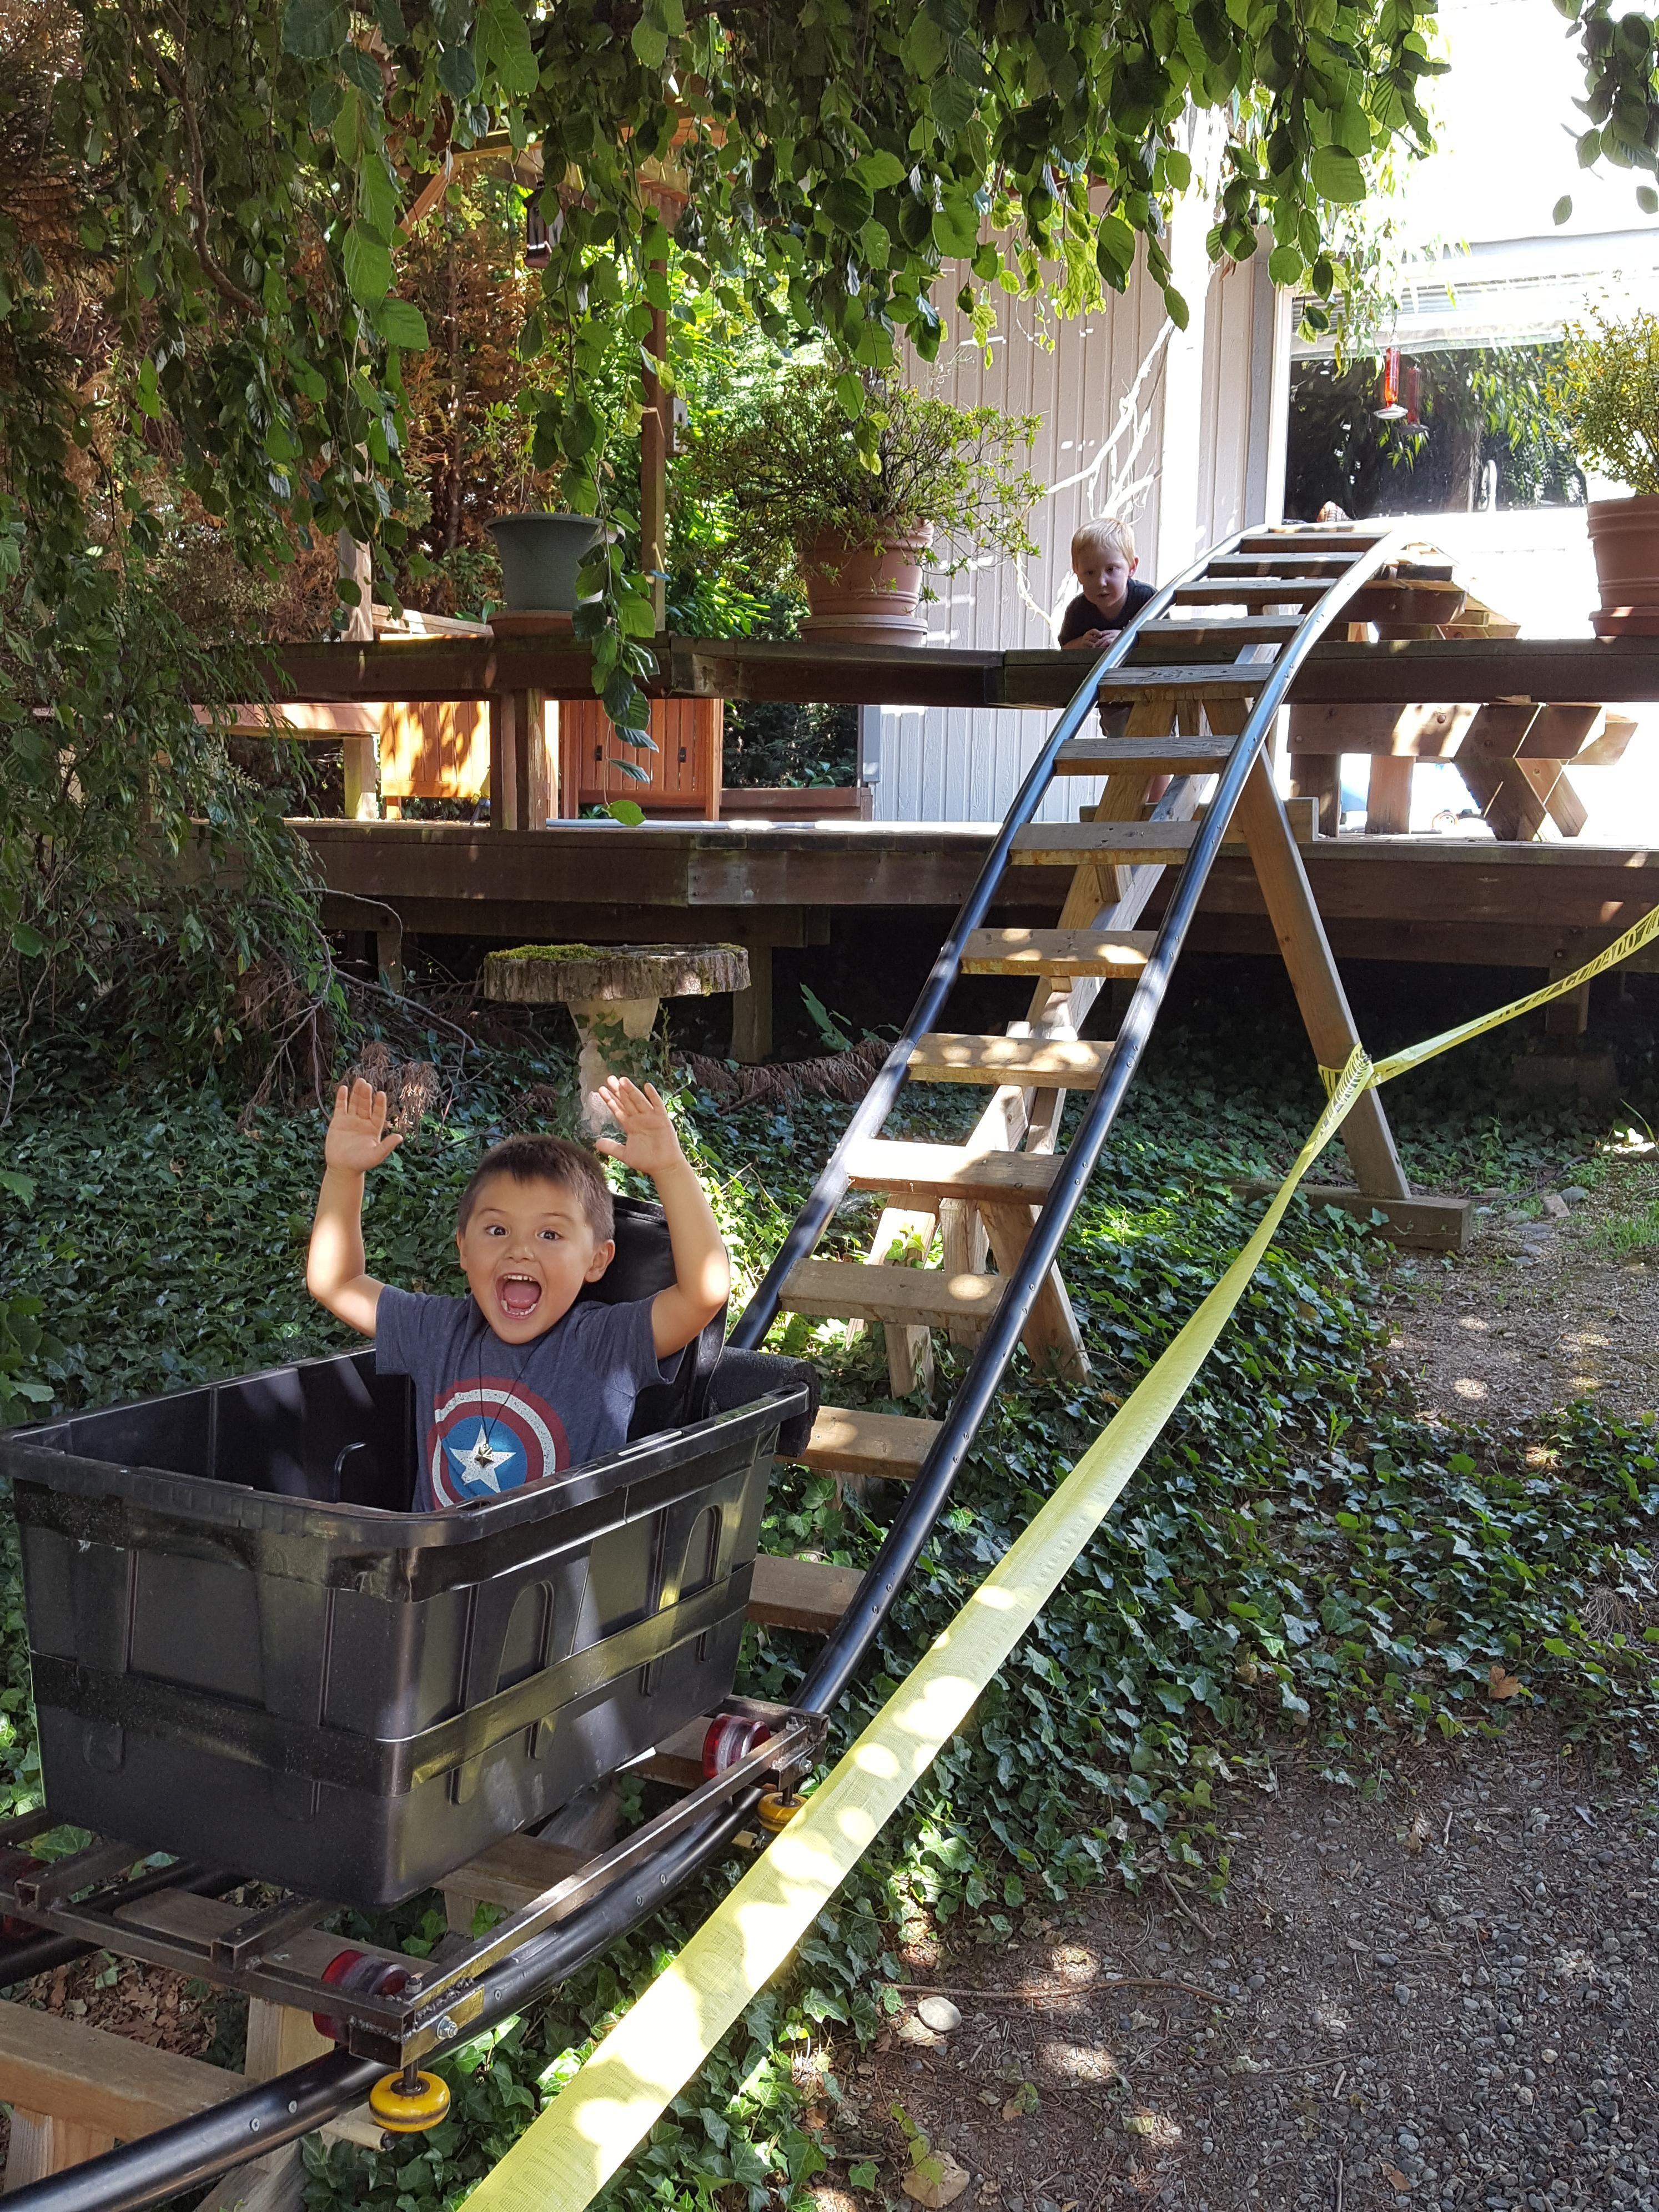 R Diy Out N Back Negative G Backyard Roller Coaster Backyard Playground Diy Playground Backyard Play Diy backyard roller coaster kit